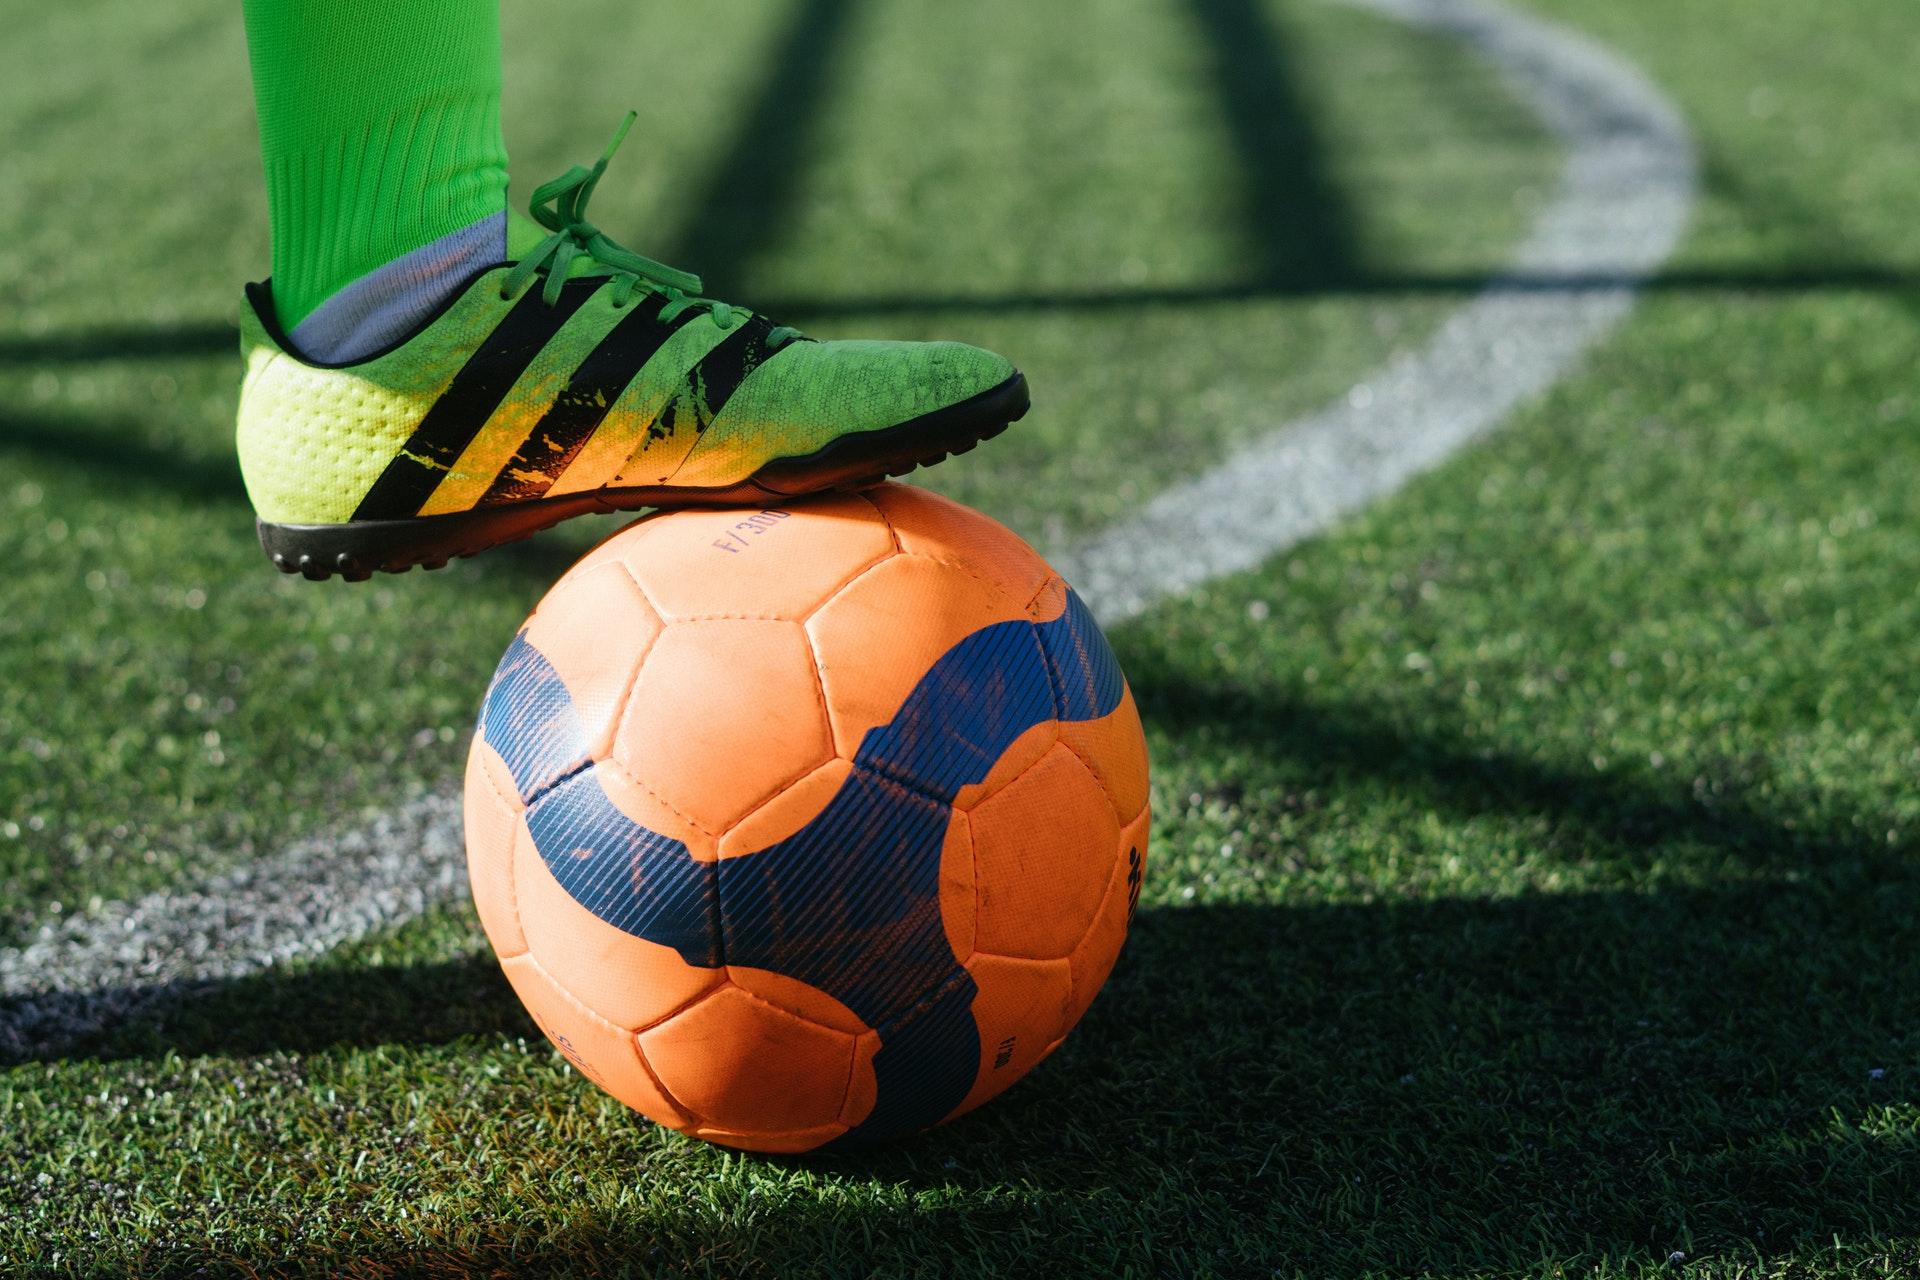 Užitečné tipy o podrobnostech fotbalu